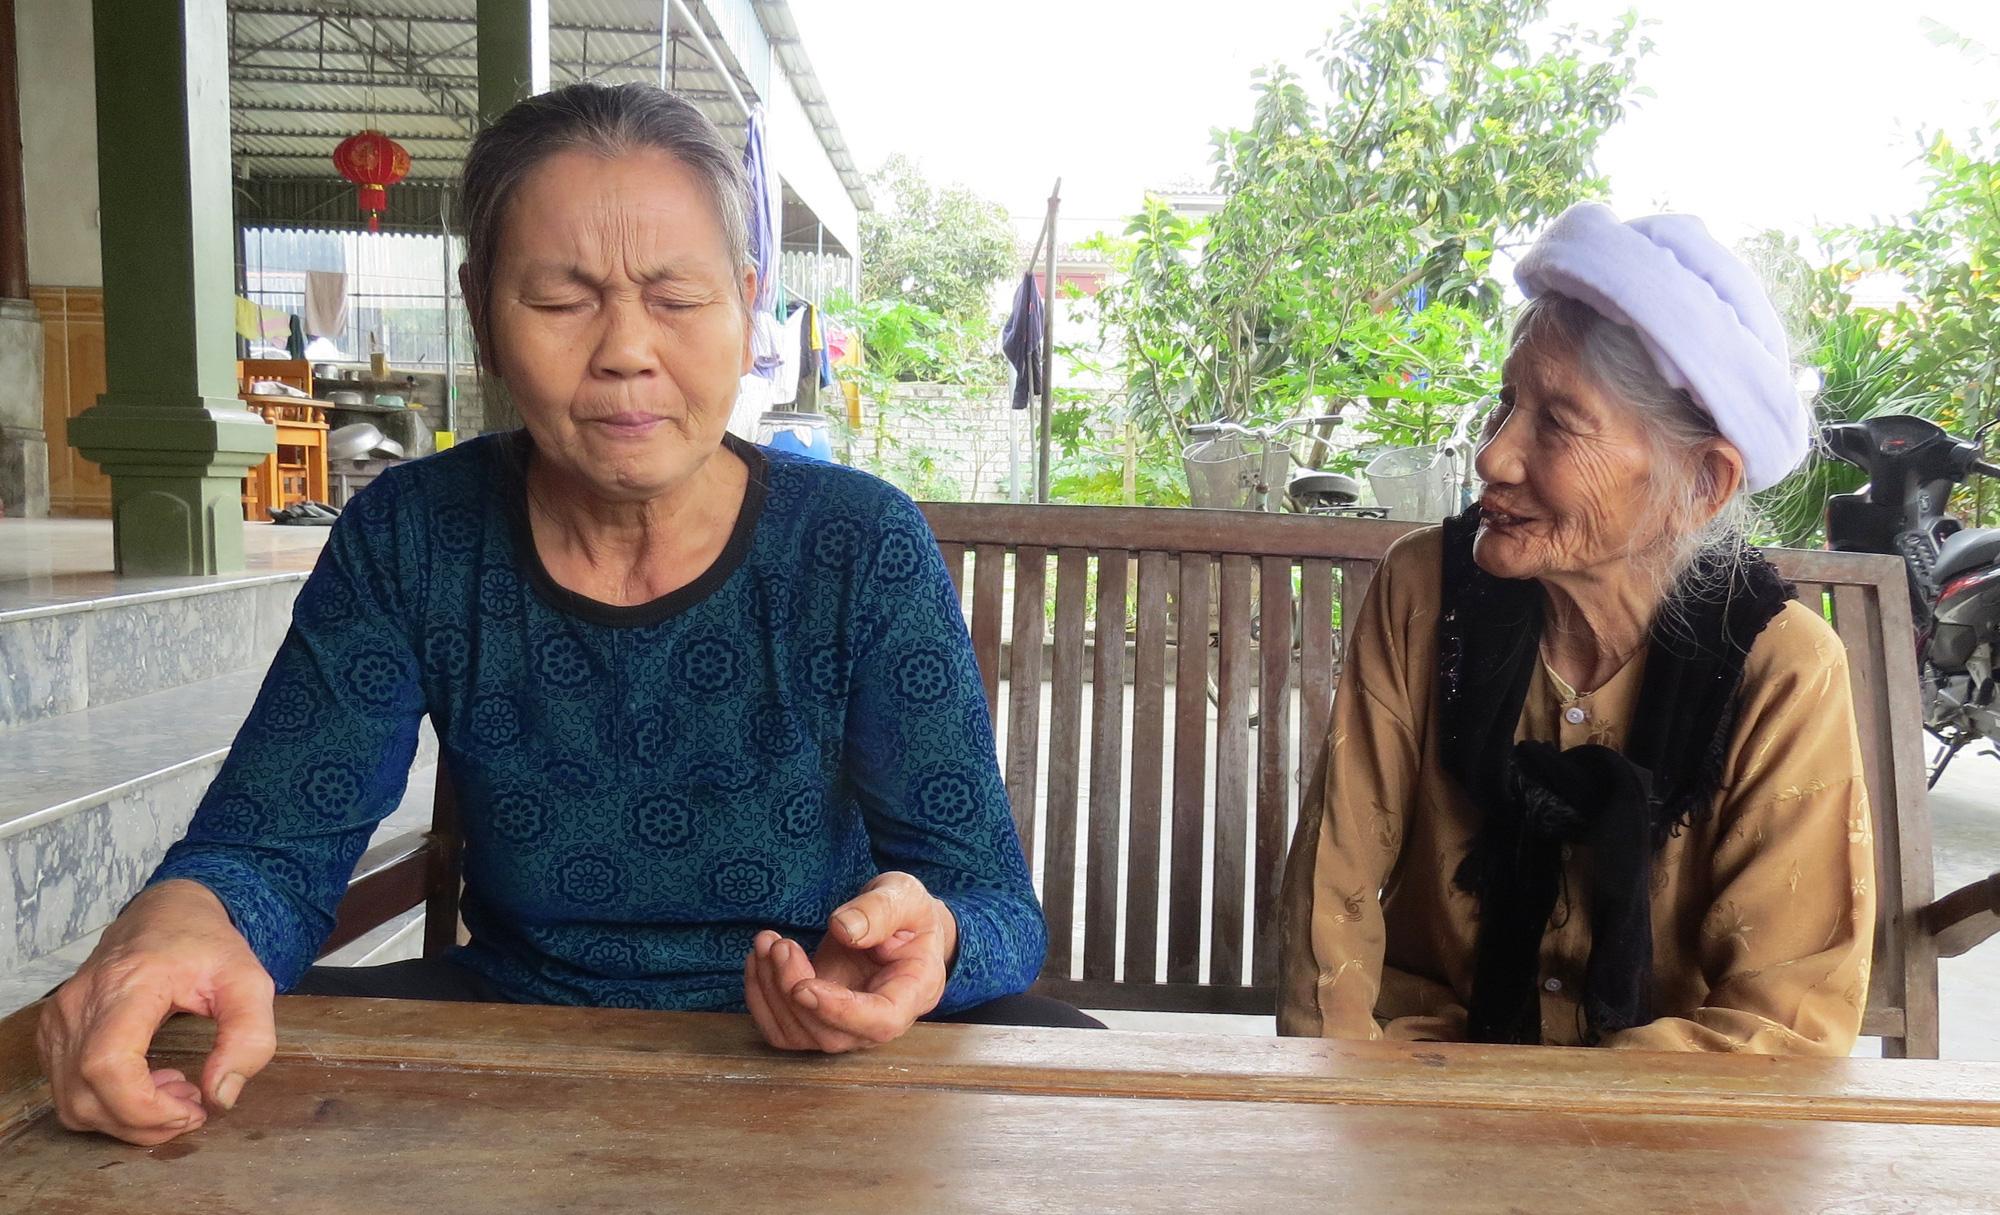 Ở Nghệ An có ngôi làng đặc biệt tên là làng trường thọ, nói lí do trường thọ nhiều người ngỡ ngàng - Ảnh 1.